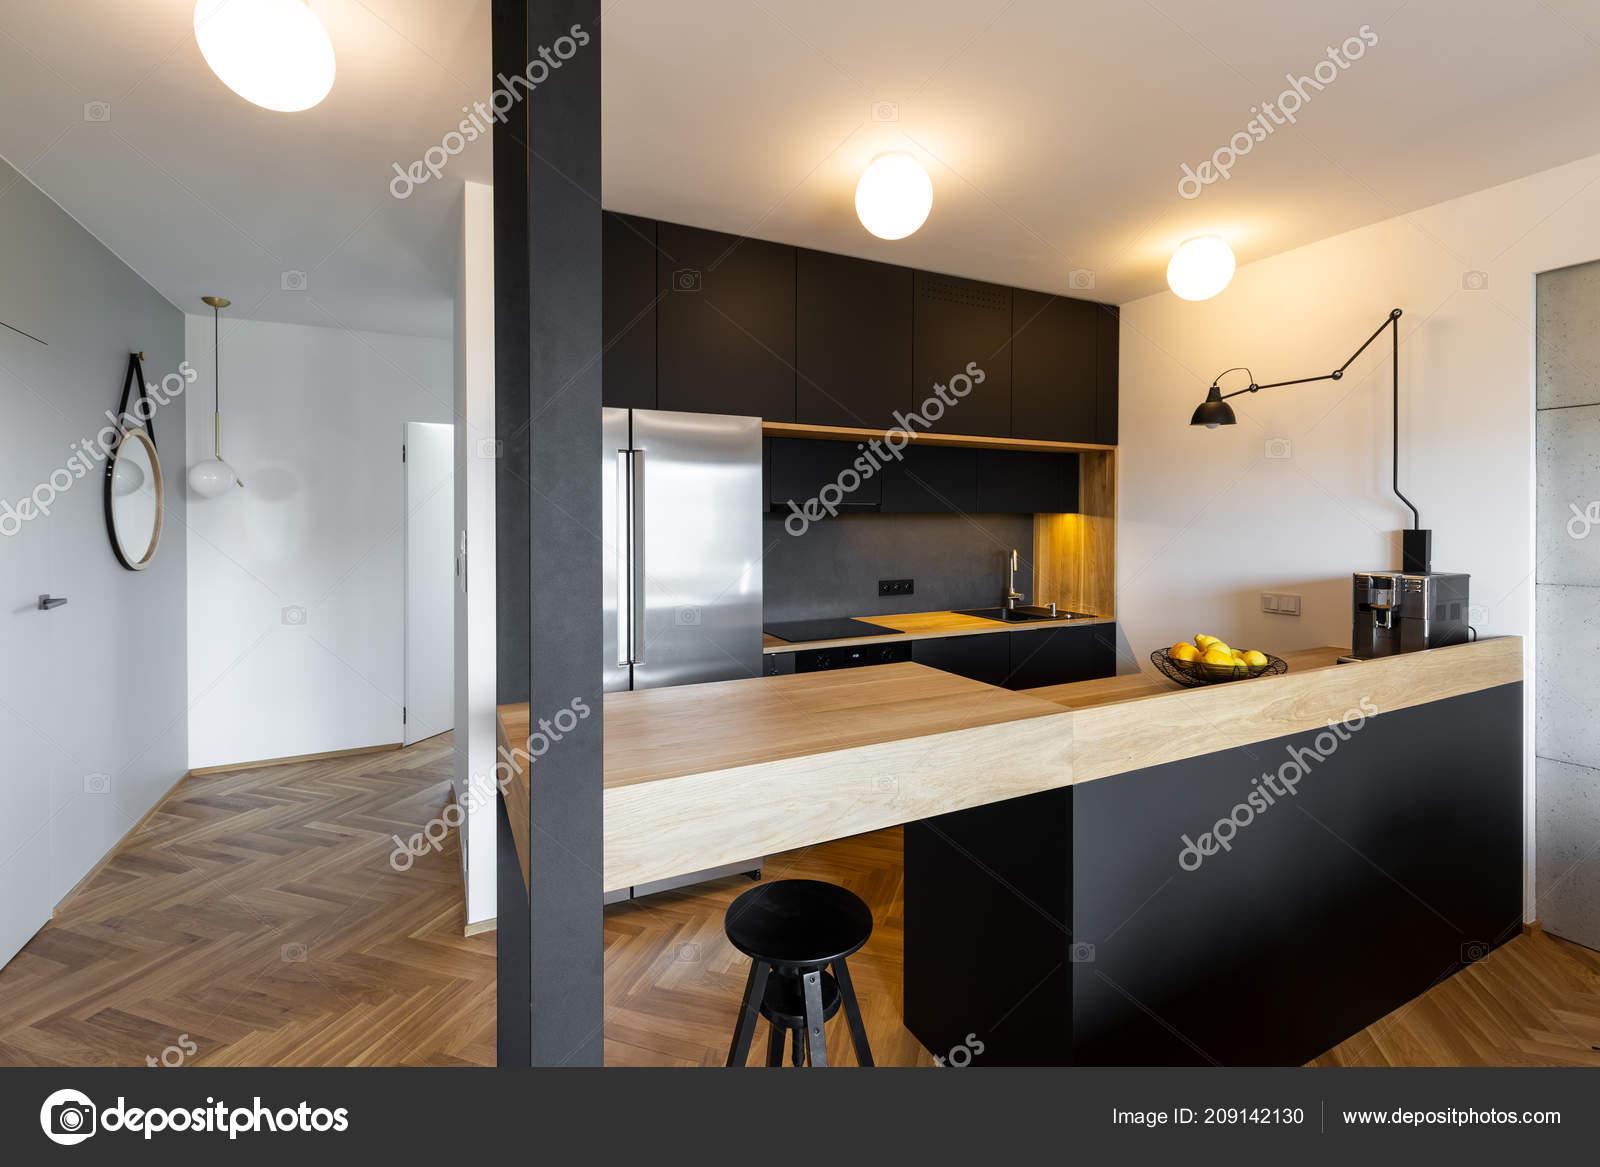 Sgabello sotto beige appoggio interno cucina nera con luci lampada